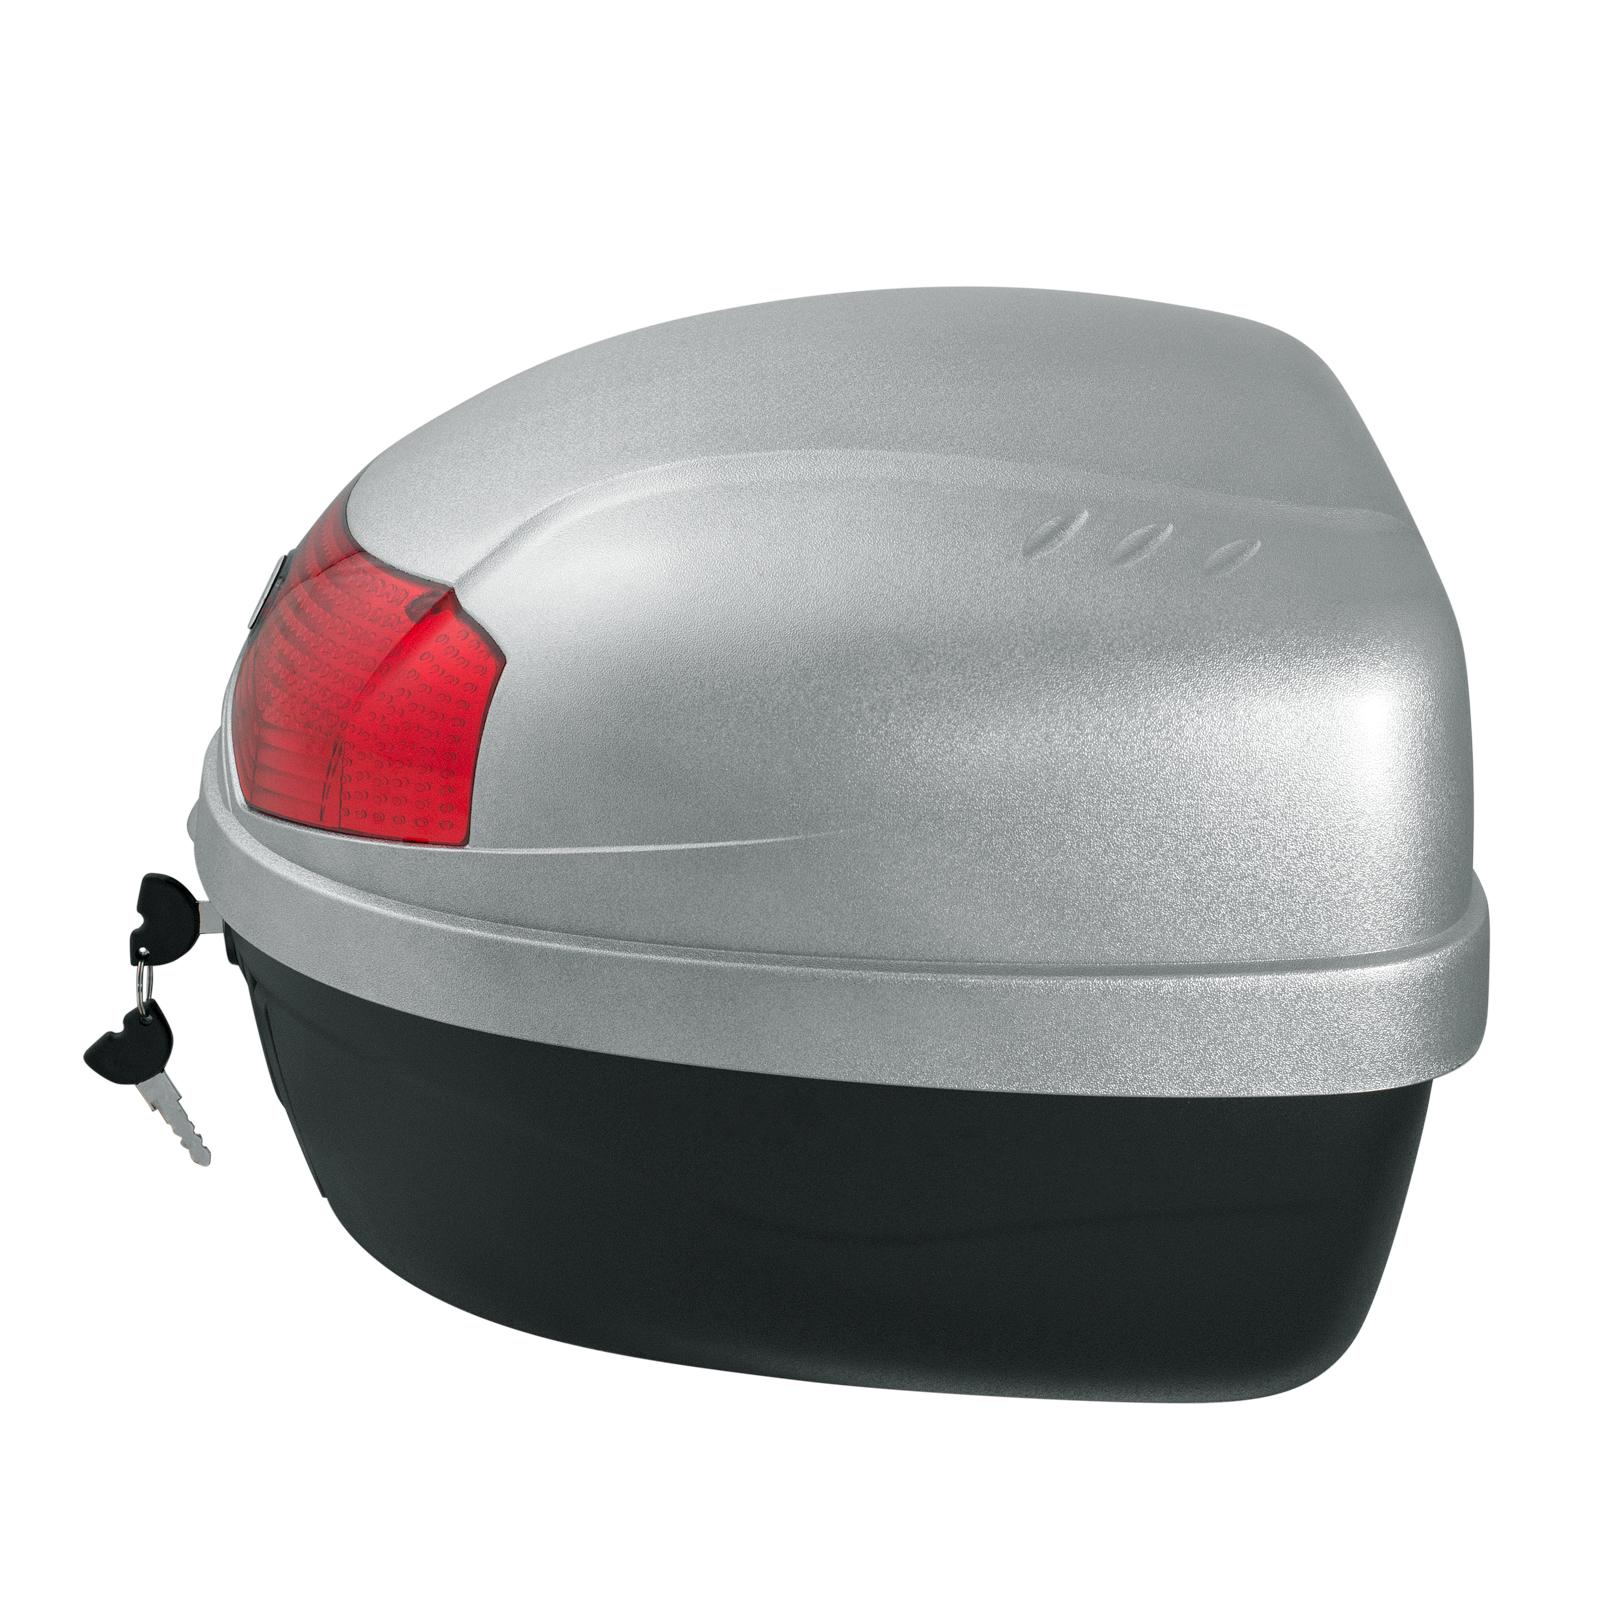 motorrad roller top case 28 lt anpassungsf hig. Black Bedroom Furniture Sets. Home Design Ideas